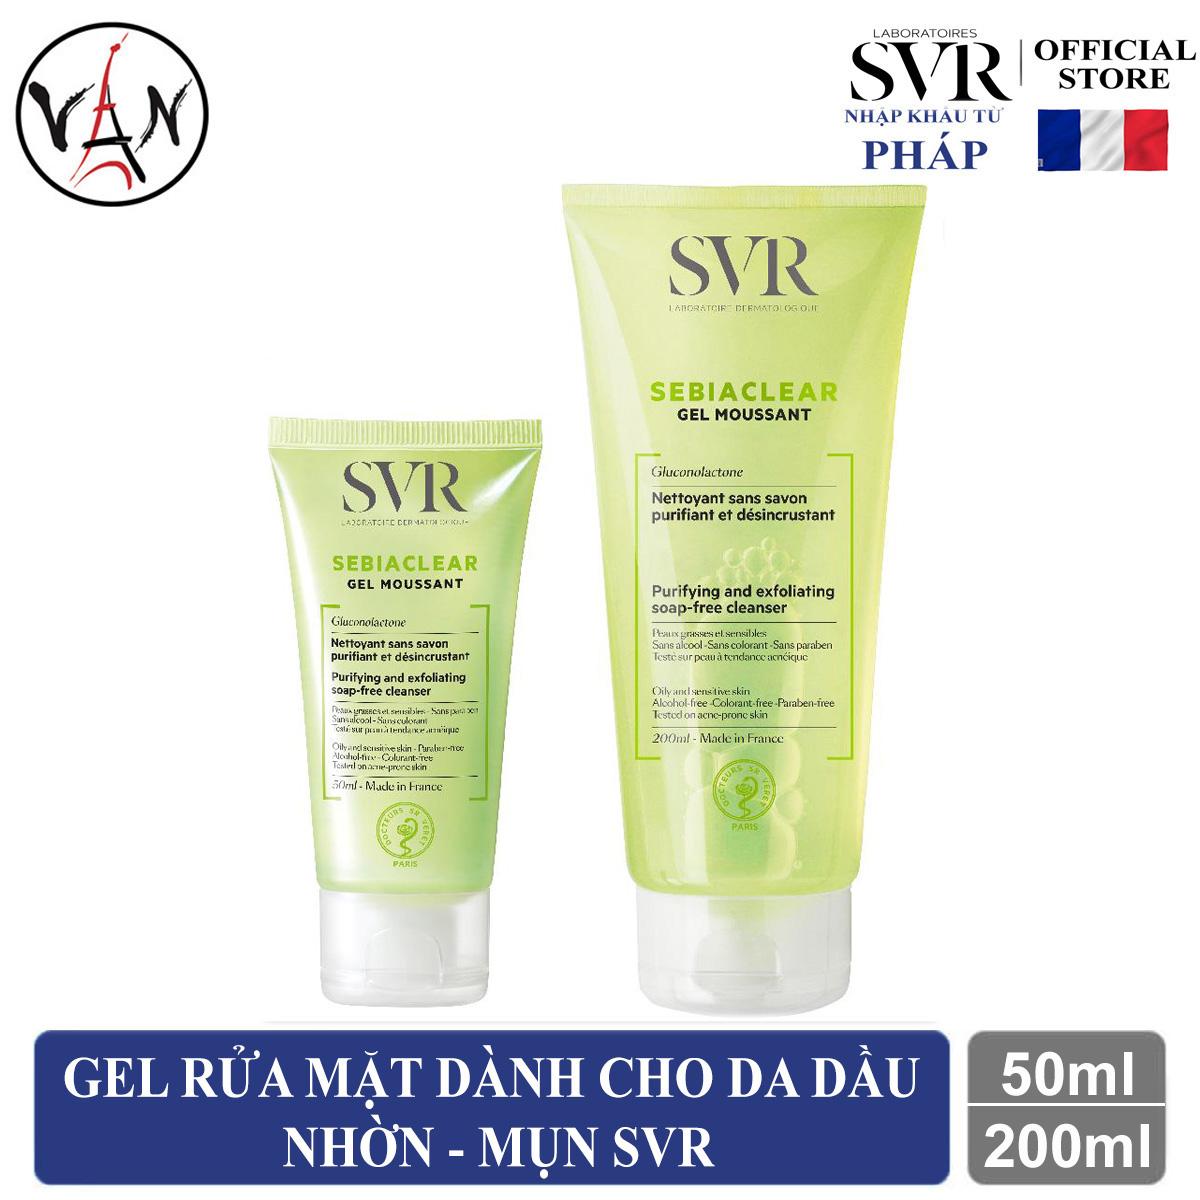 Gel rửa mặt SVR dành cho da dầu nhờn mụn